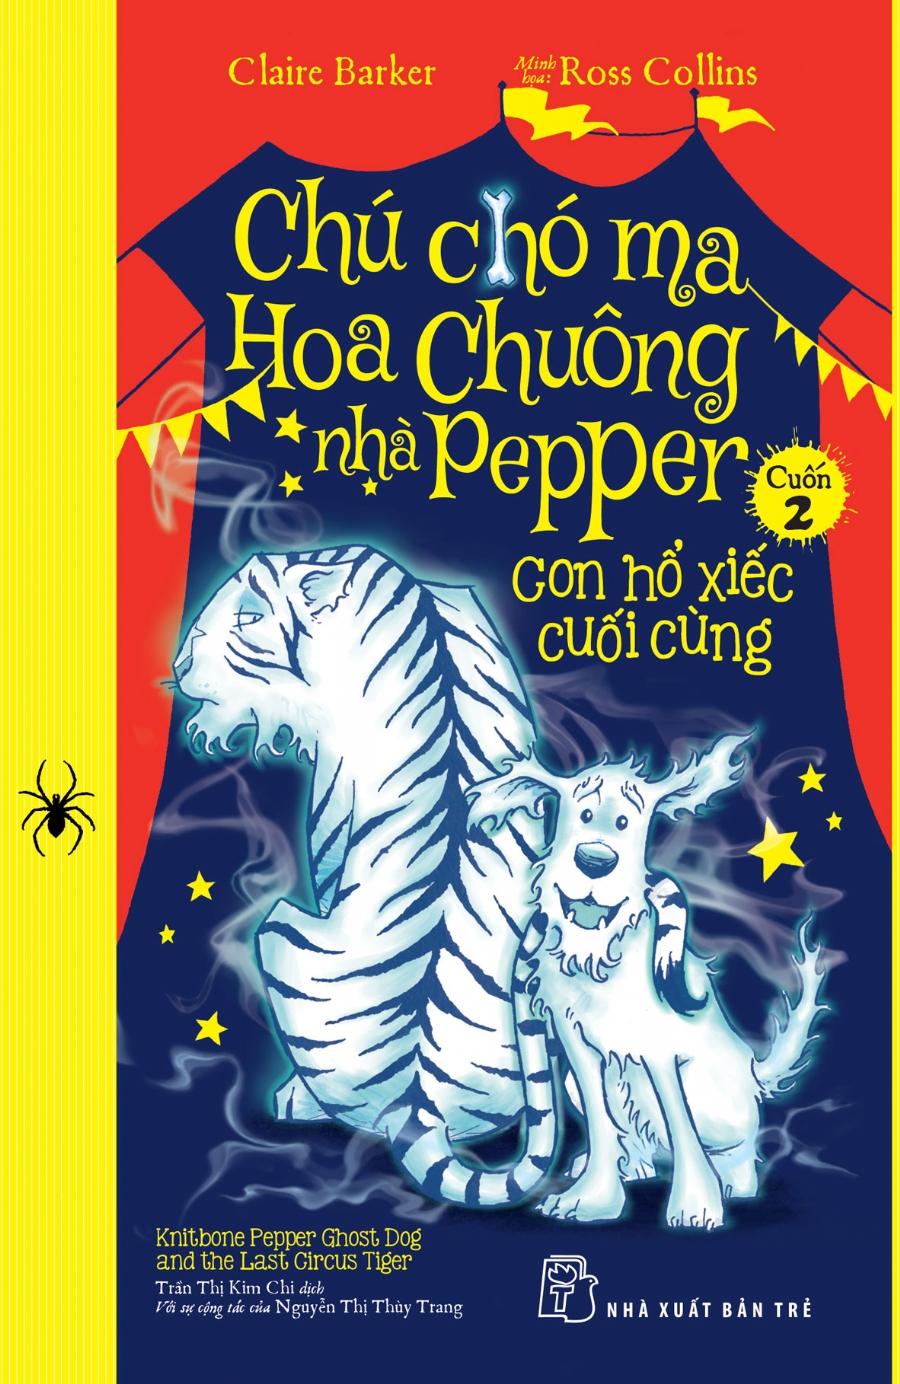 Chú Chó Ma Hoa Chuông Nhà Pepper Tập 2 - Con Hổ Xiếc Cuối Cùng